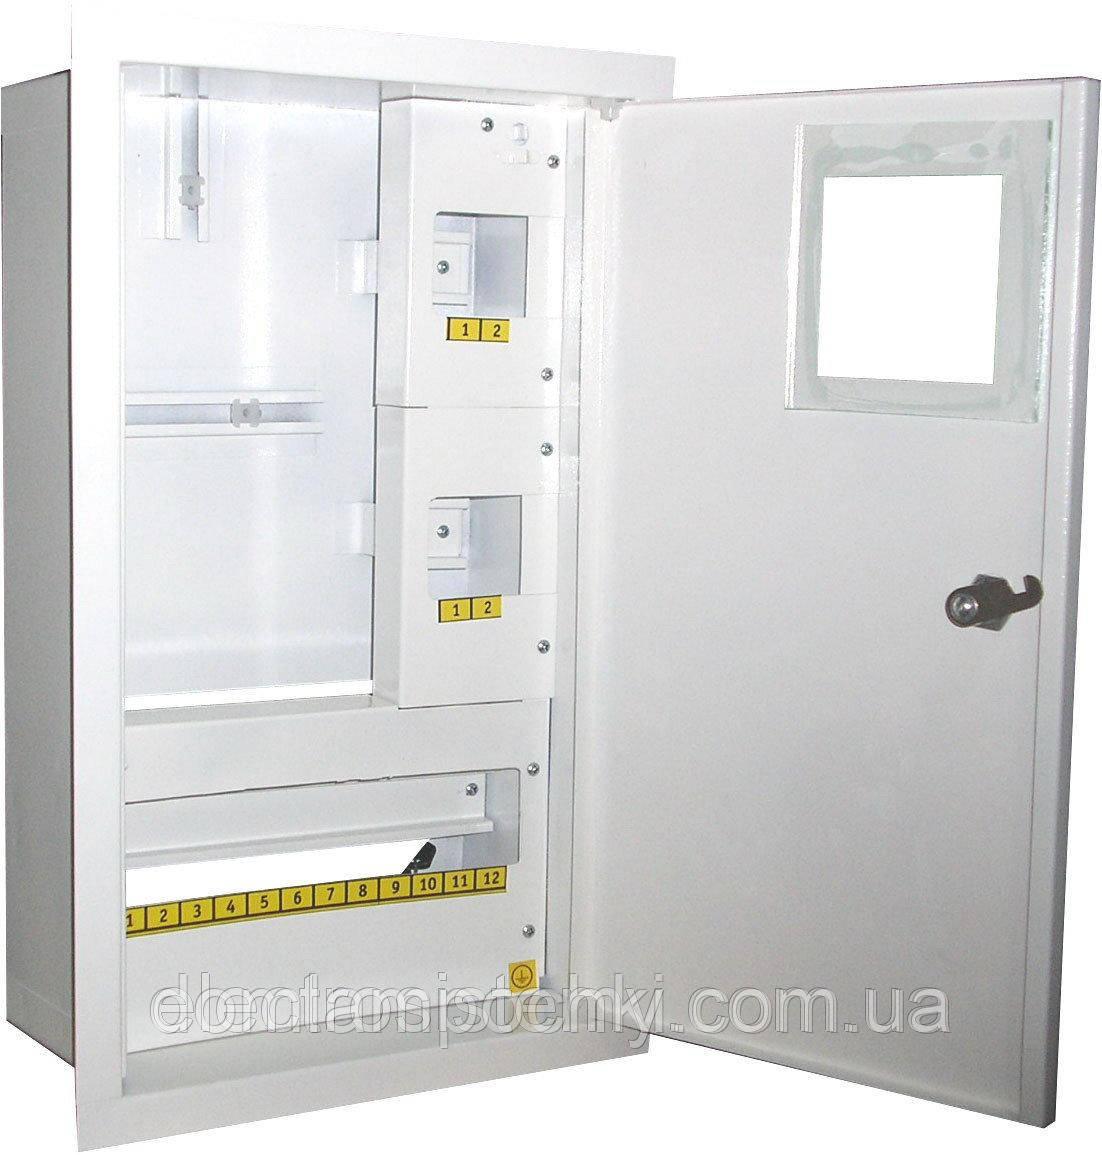 Шкаф электронный 1-фазный на 16 автоматов внутренний